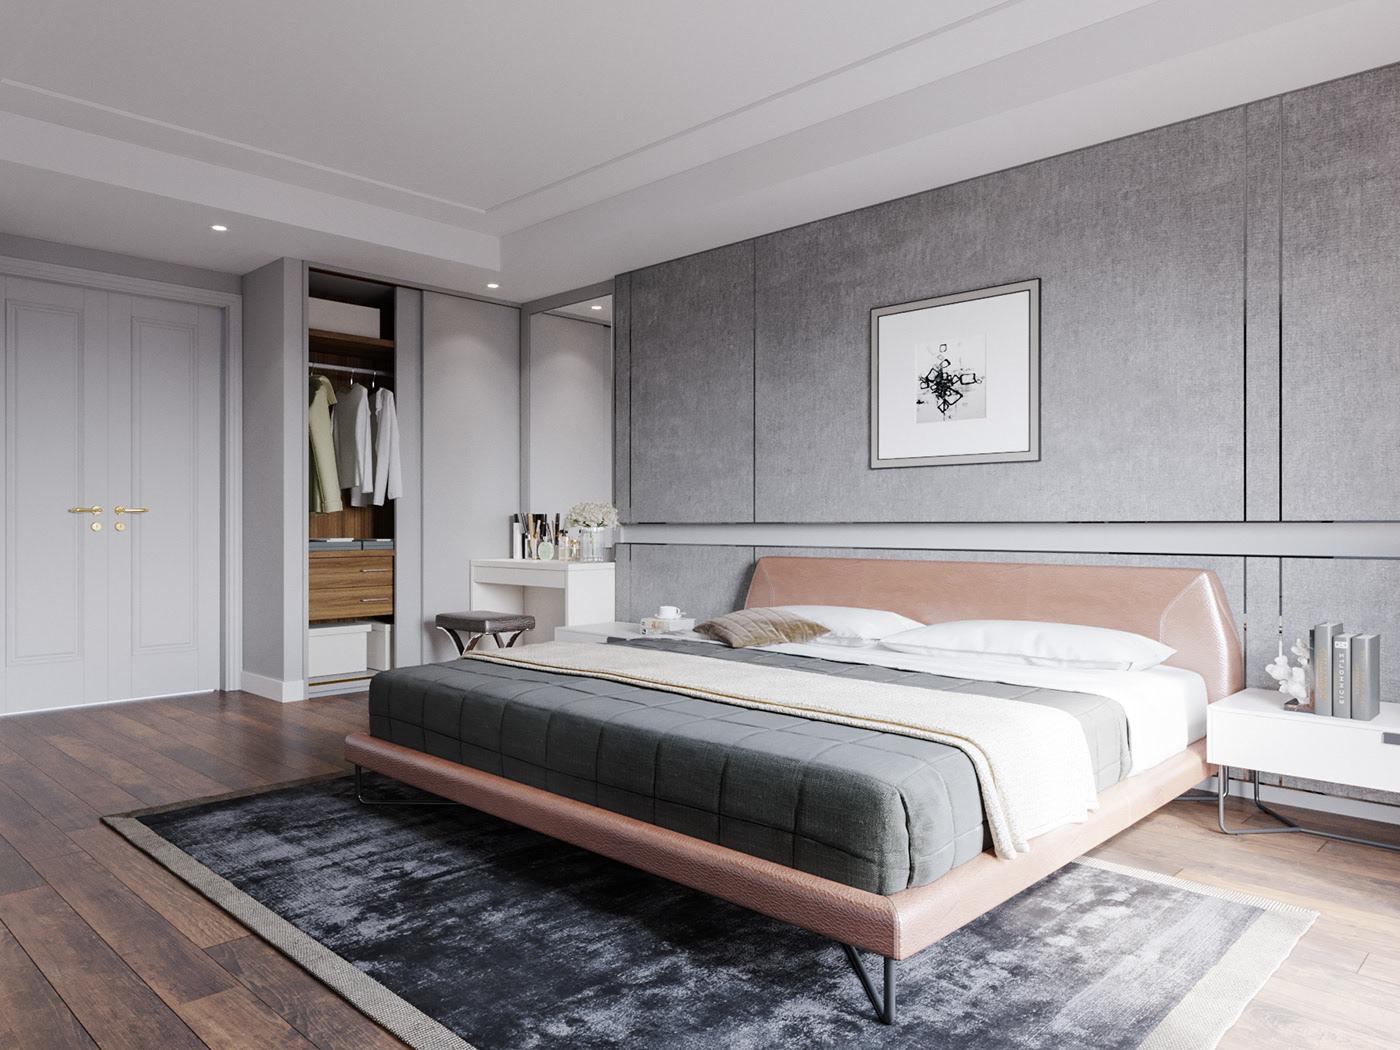 Tư vấn thiết kế nhà 2 tầng có diện tích 42m² gồm 2 phòng ngủ hiện đại với chi phí 164 triệu đồng - Ảnh 10.